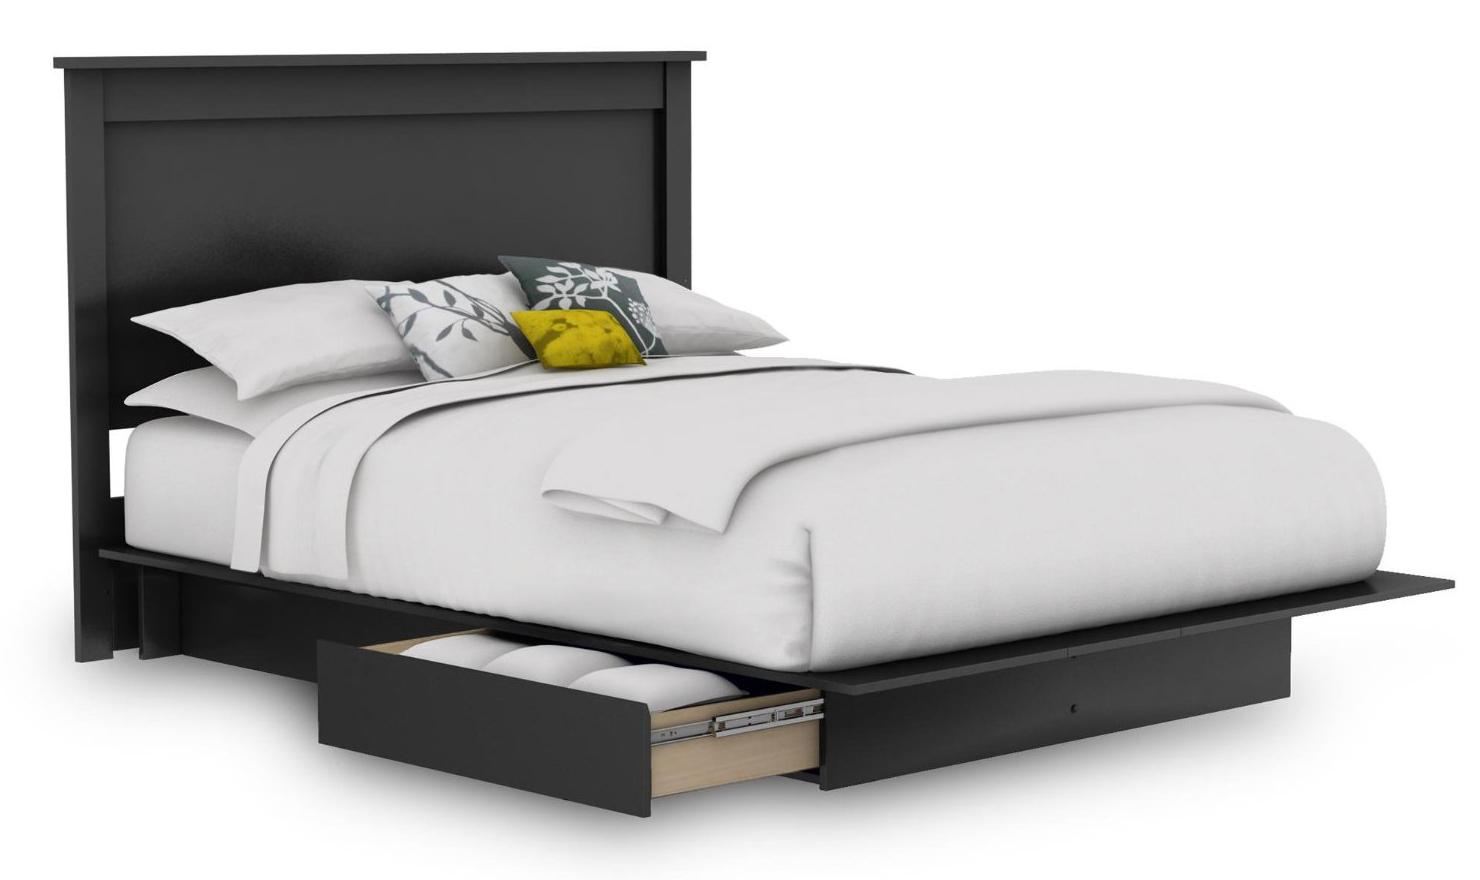 Queen Bed Clipart